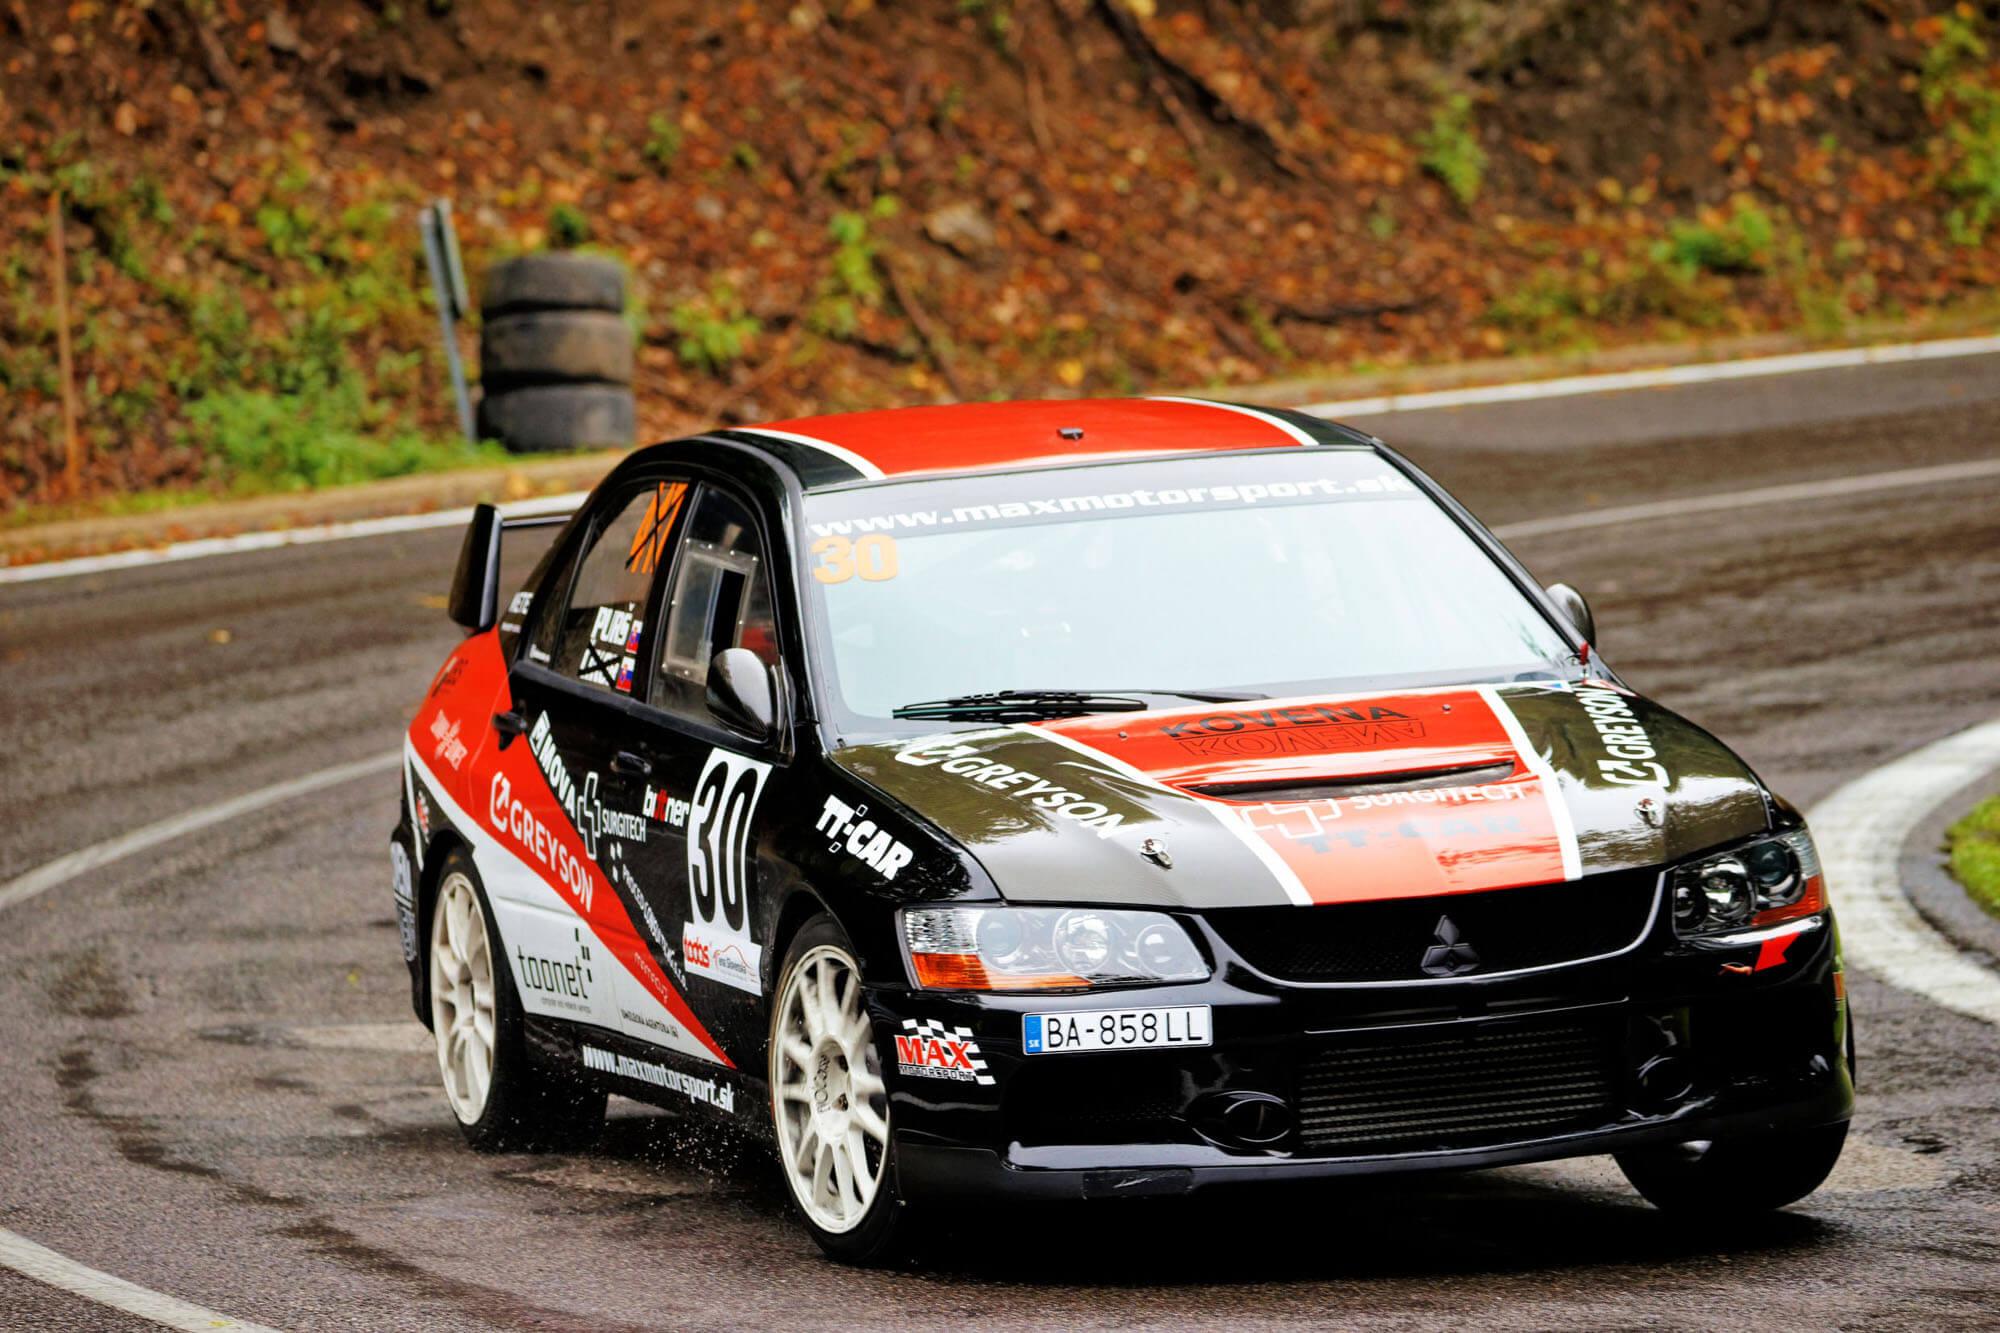 Pezinska Baba 2020, stavba zavodnych vozidiel, nahradne diely, programovanie riadiacej jednotky, pretekarske palivo, Maxmotorsport